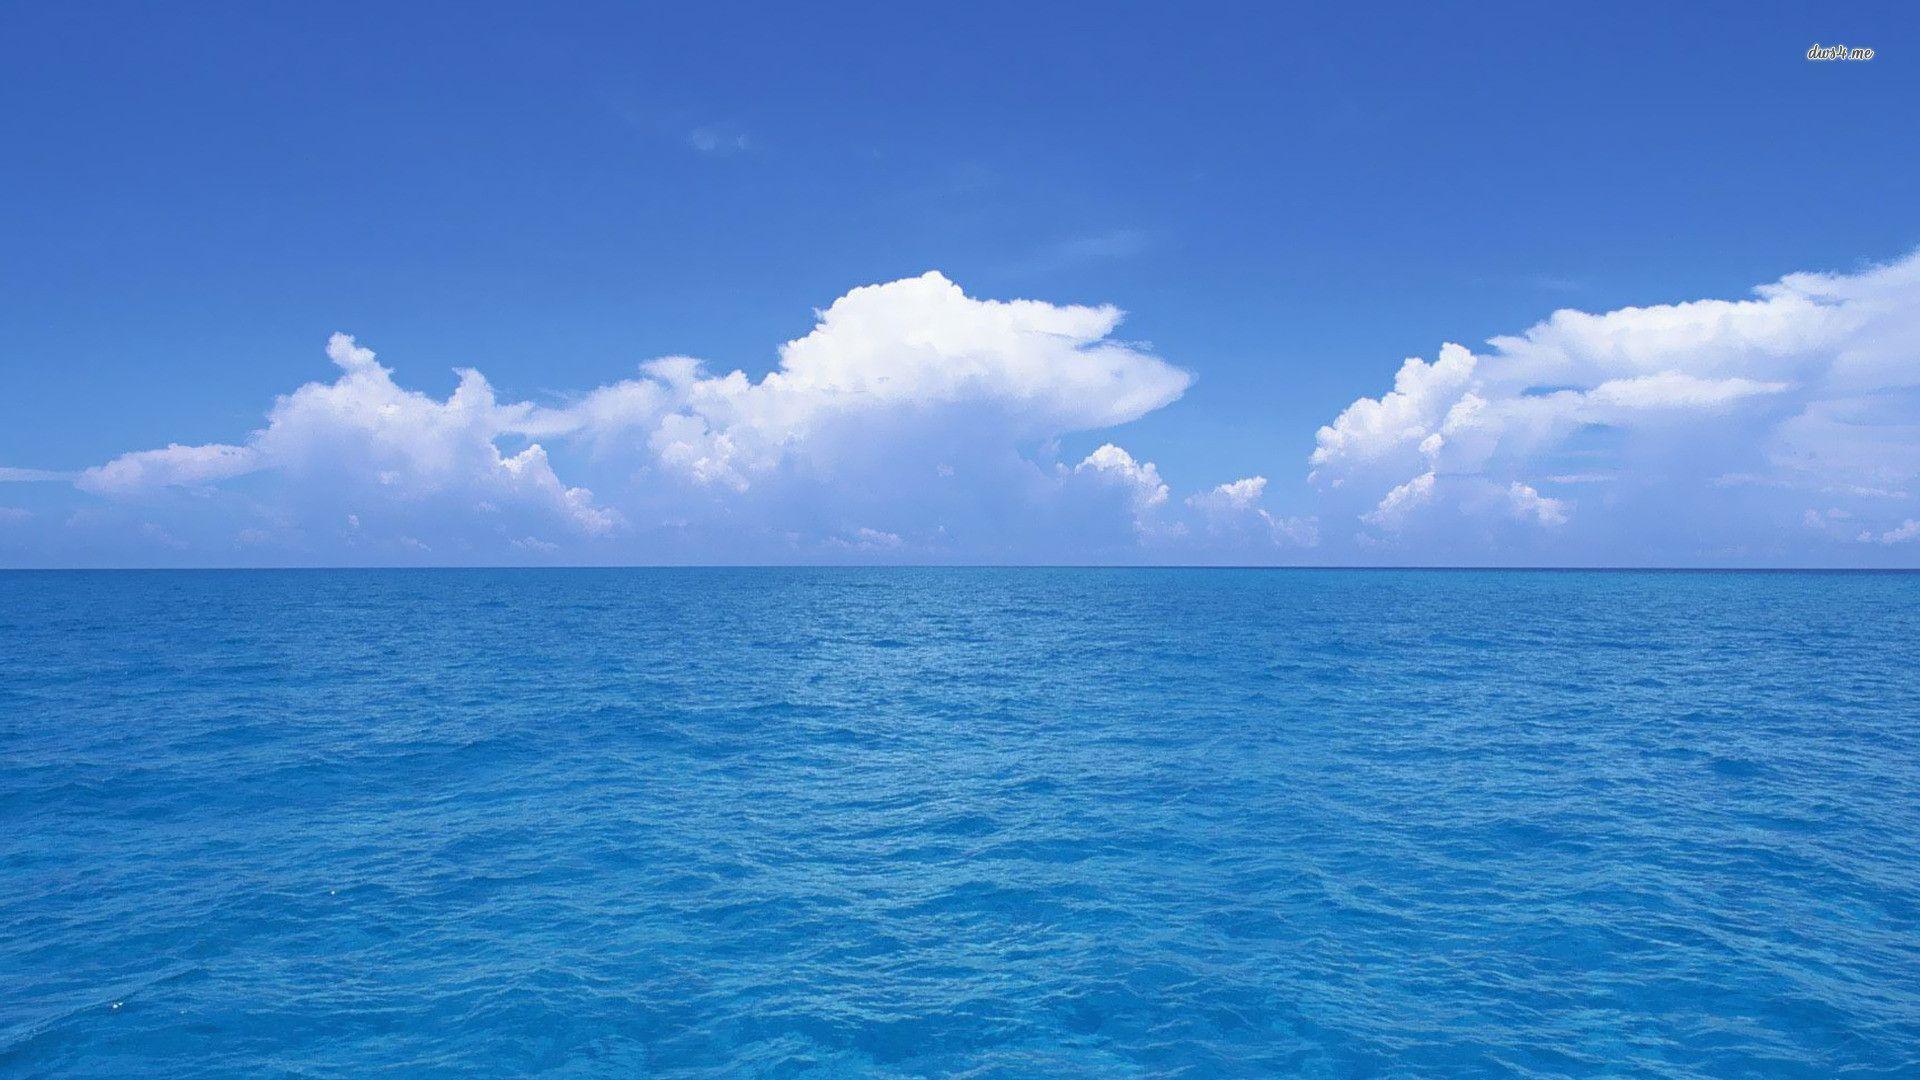 Ocean Water Wallpapers 1920x1080